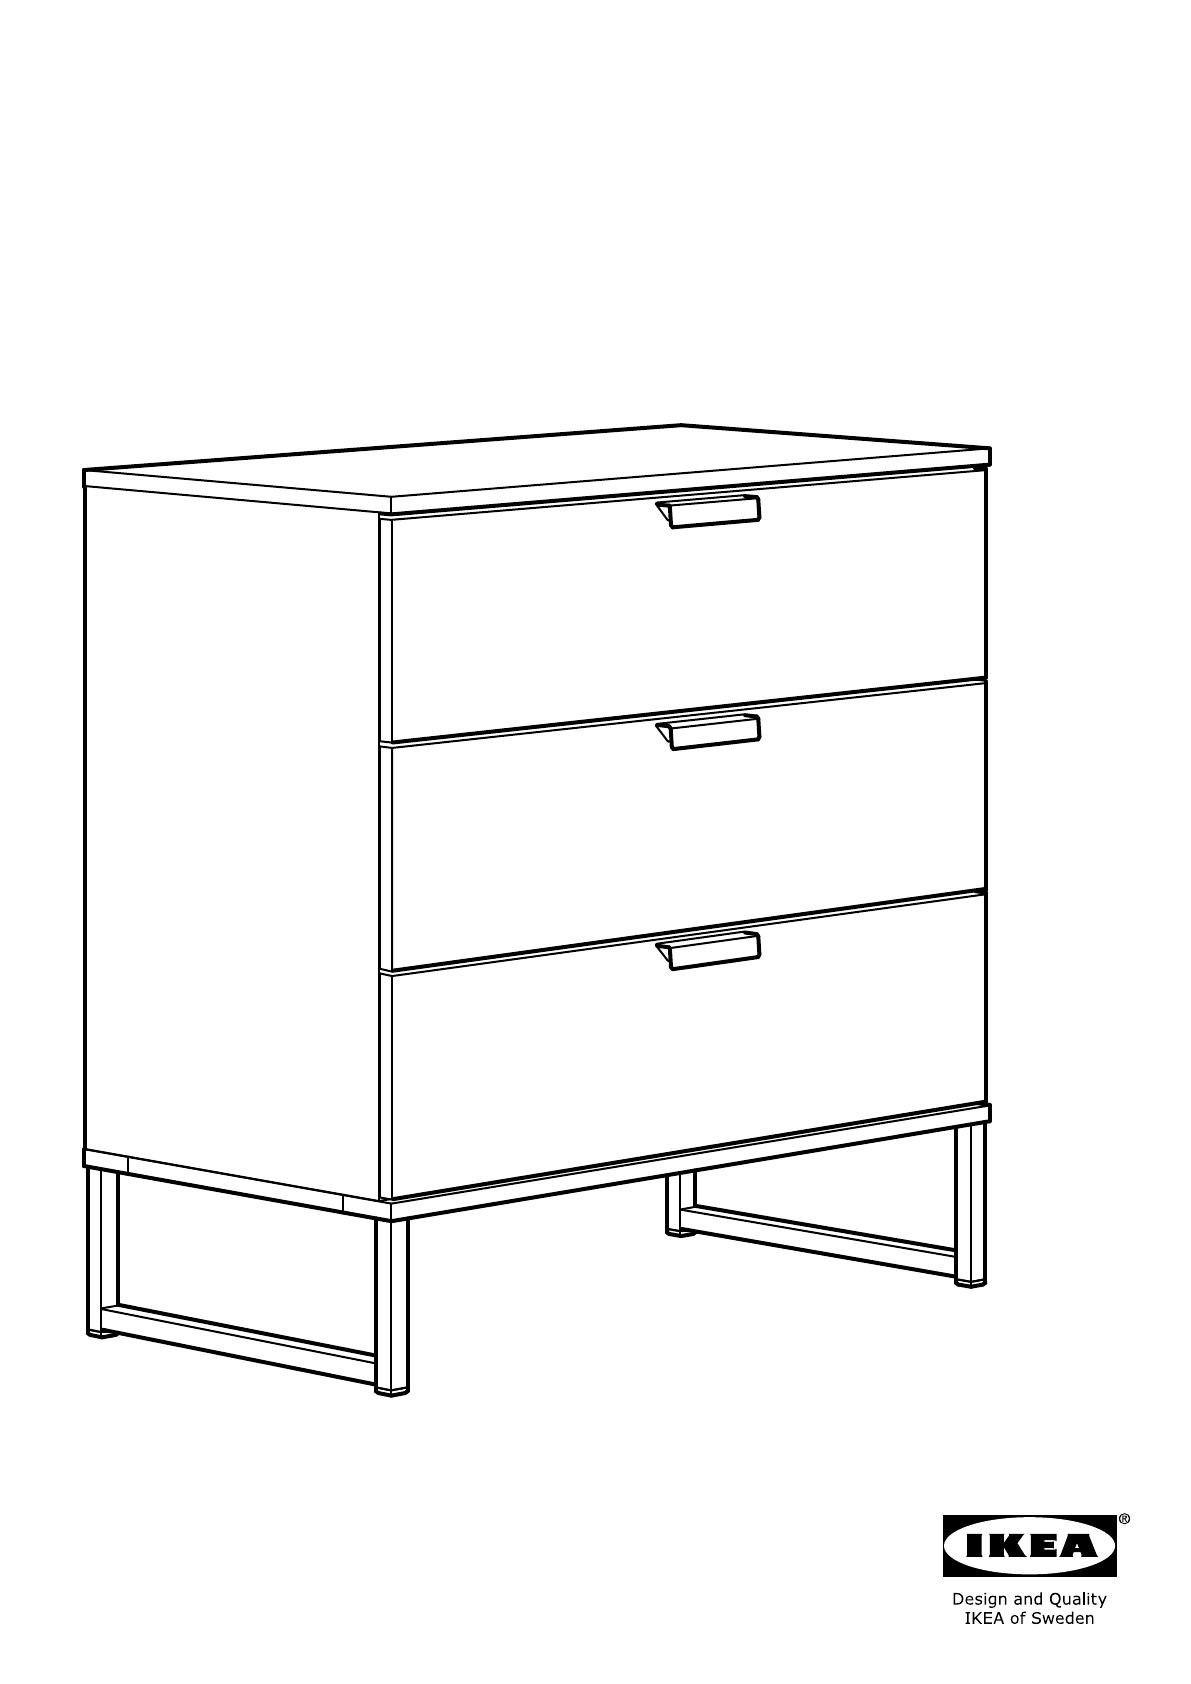 Handleiding Ikea Trysil Ladekast 3 Lades Pagina 1 Van 24